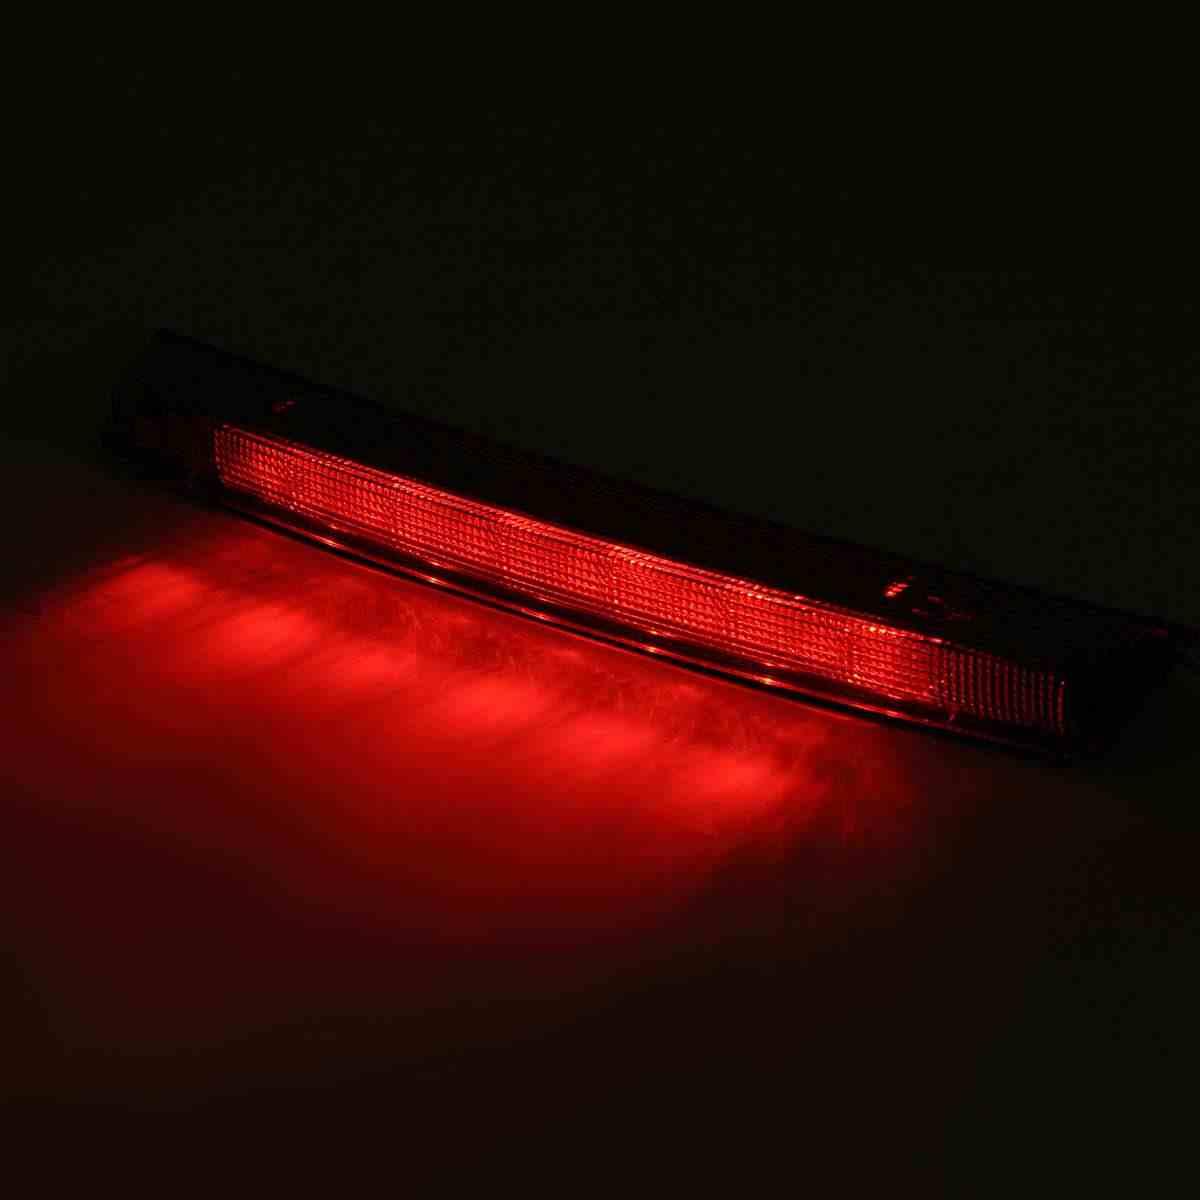 For Peugeot 208 308 3008 Citroen C4 C5 DS4 Tercer High Mount parada del freno trasero de la cola de luz de l/ámpara de luz de freno Luz trasera 6351HH 6350V2 Color : Red